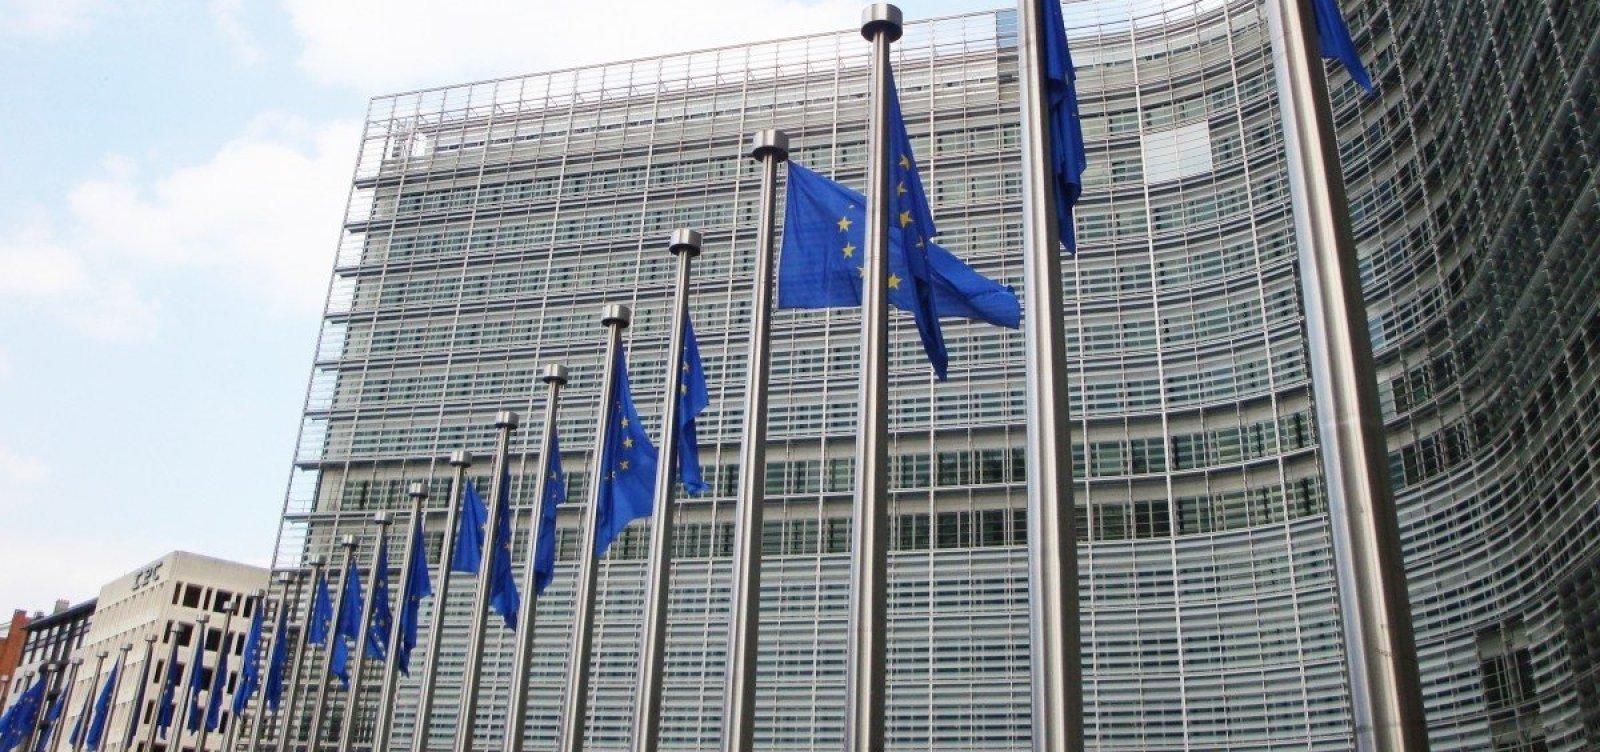 Efeito estufa: União Europeia pretende tornar-se neutra para o clima até 2050